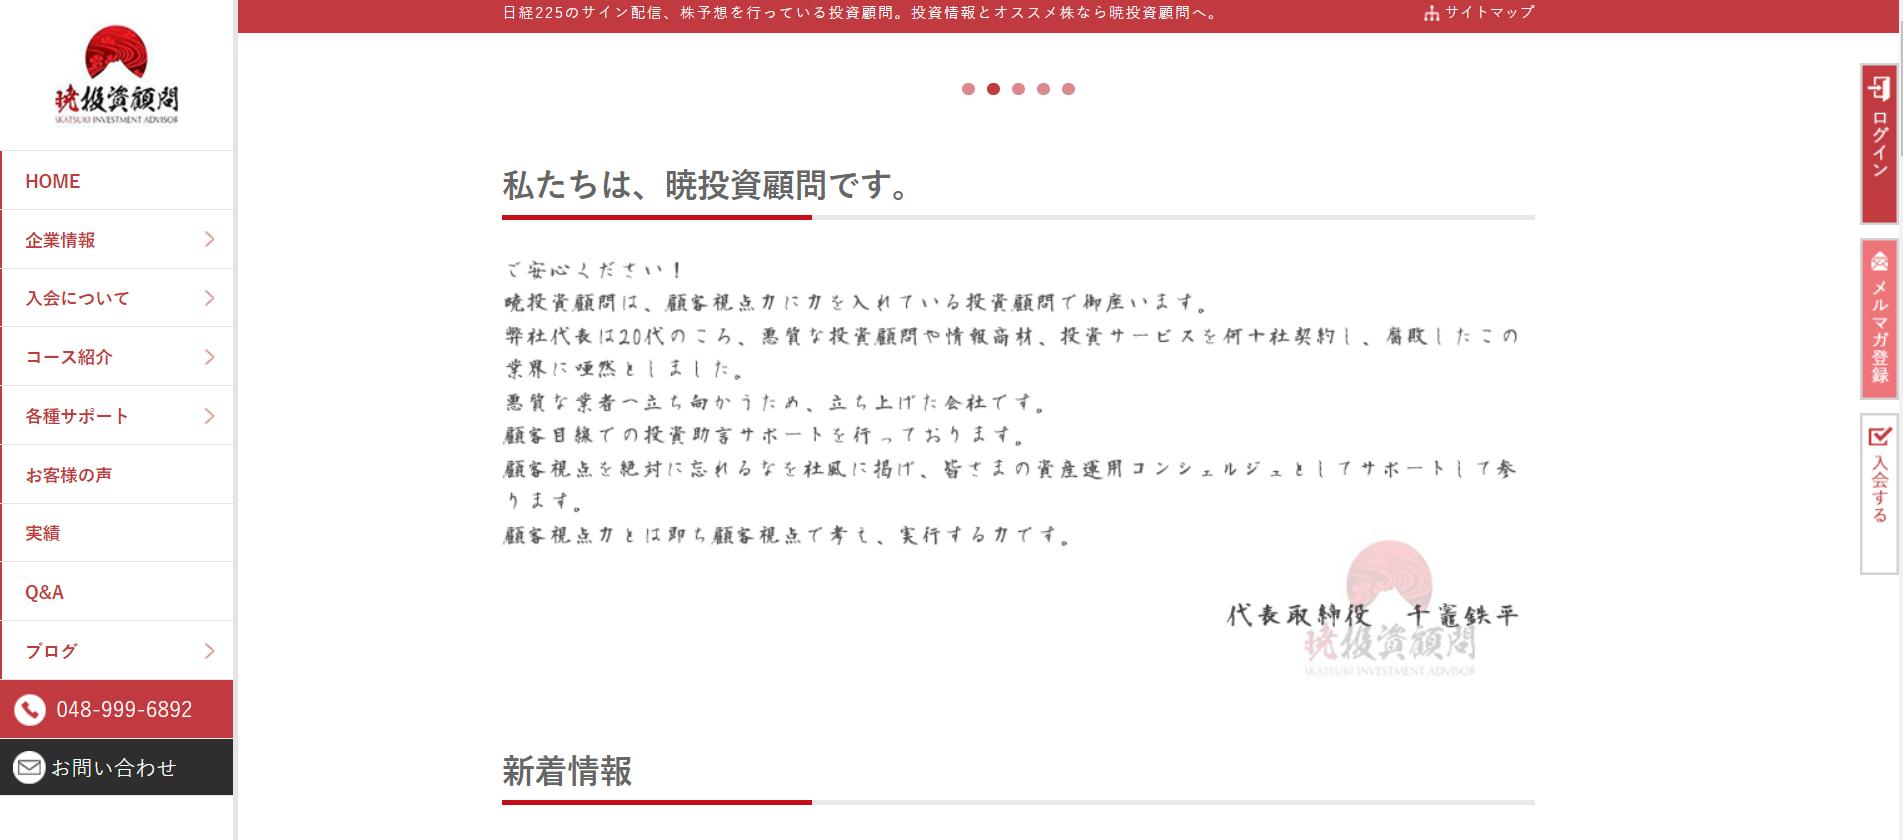 暁投資顧問